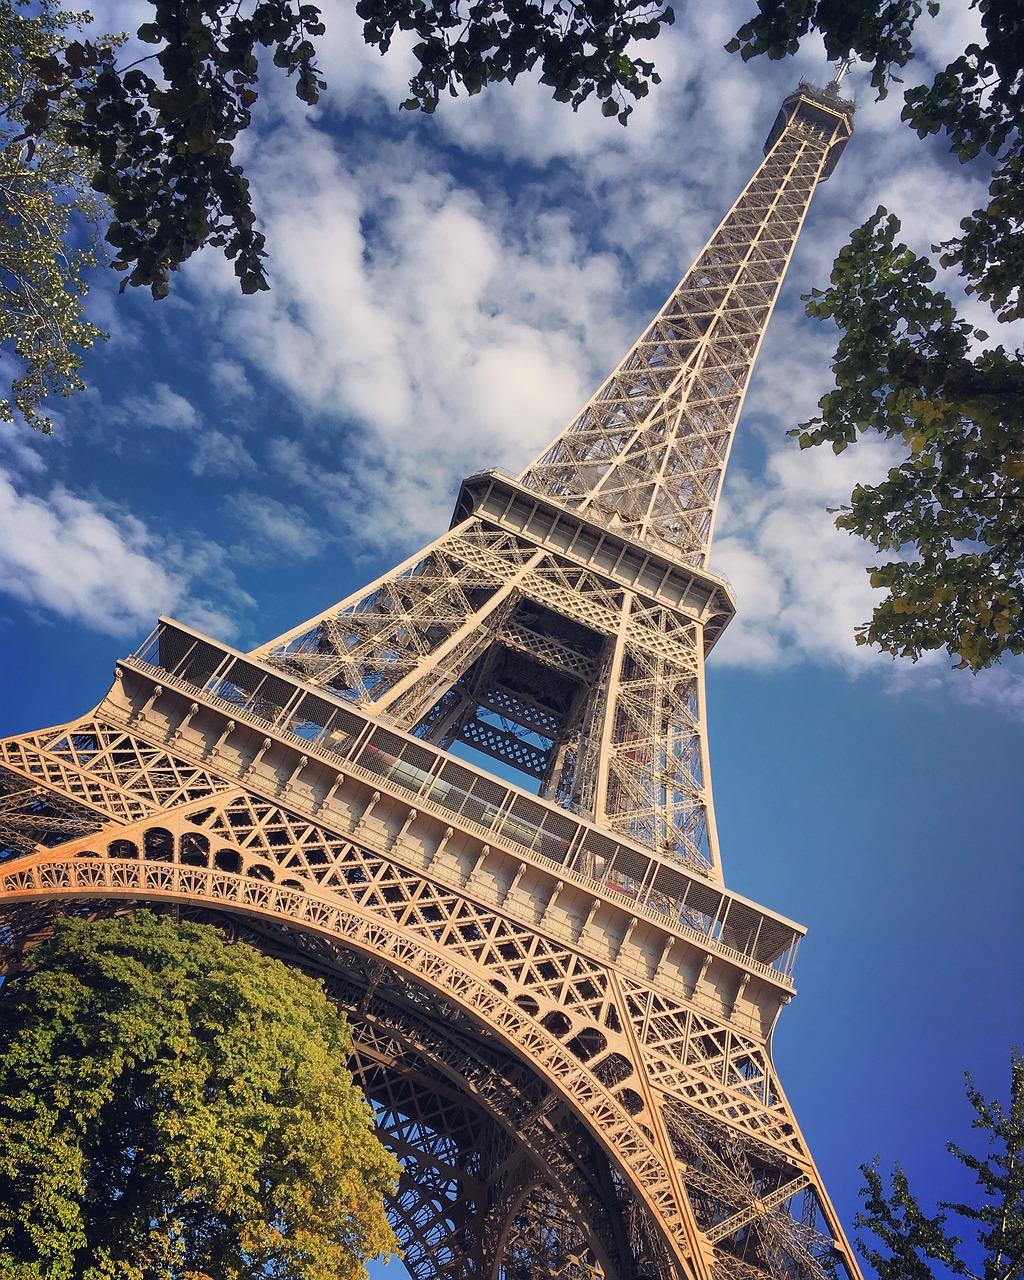 Les Types de Tourisme de Passer Le Vacances en France